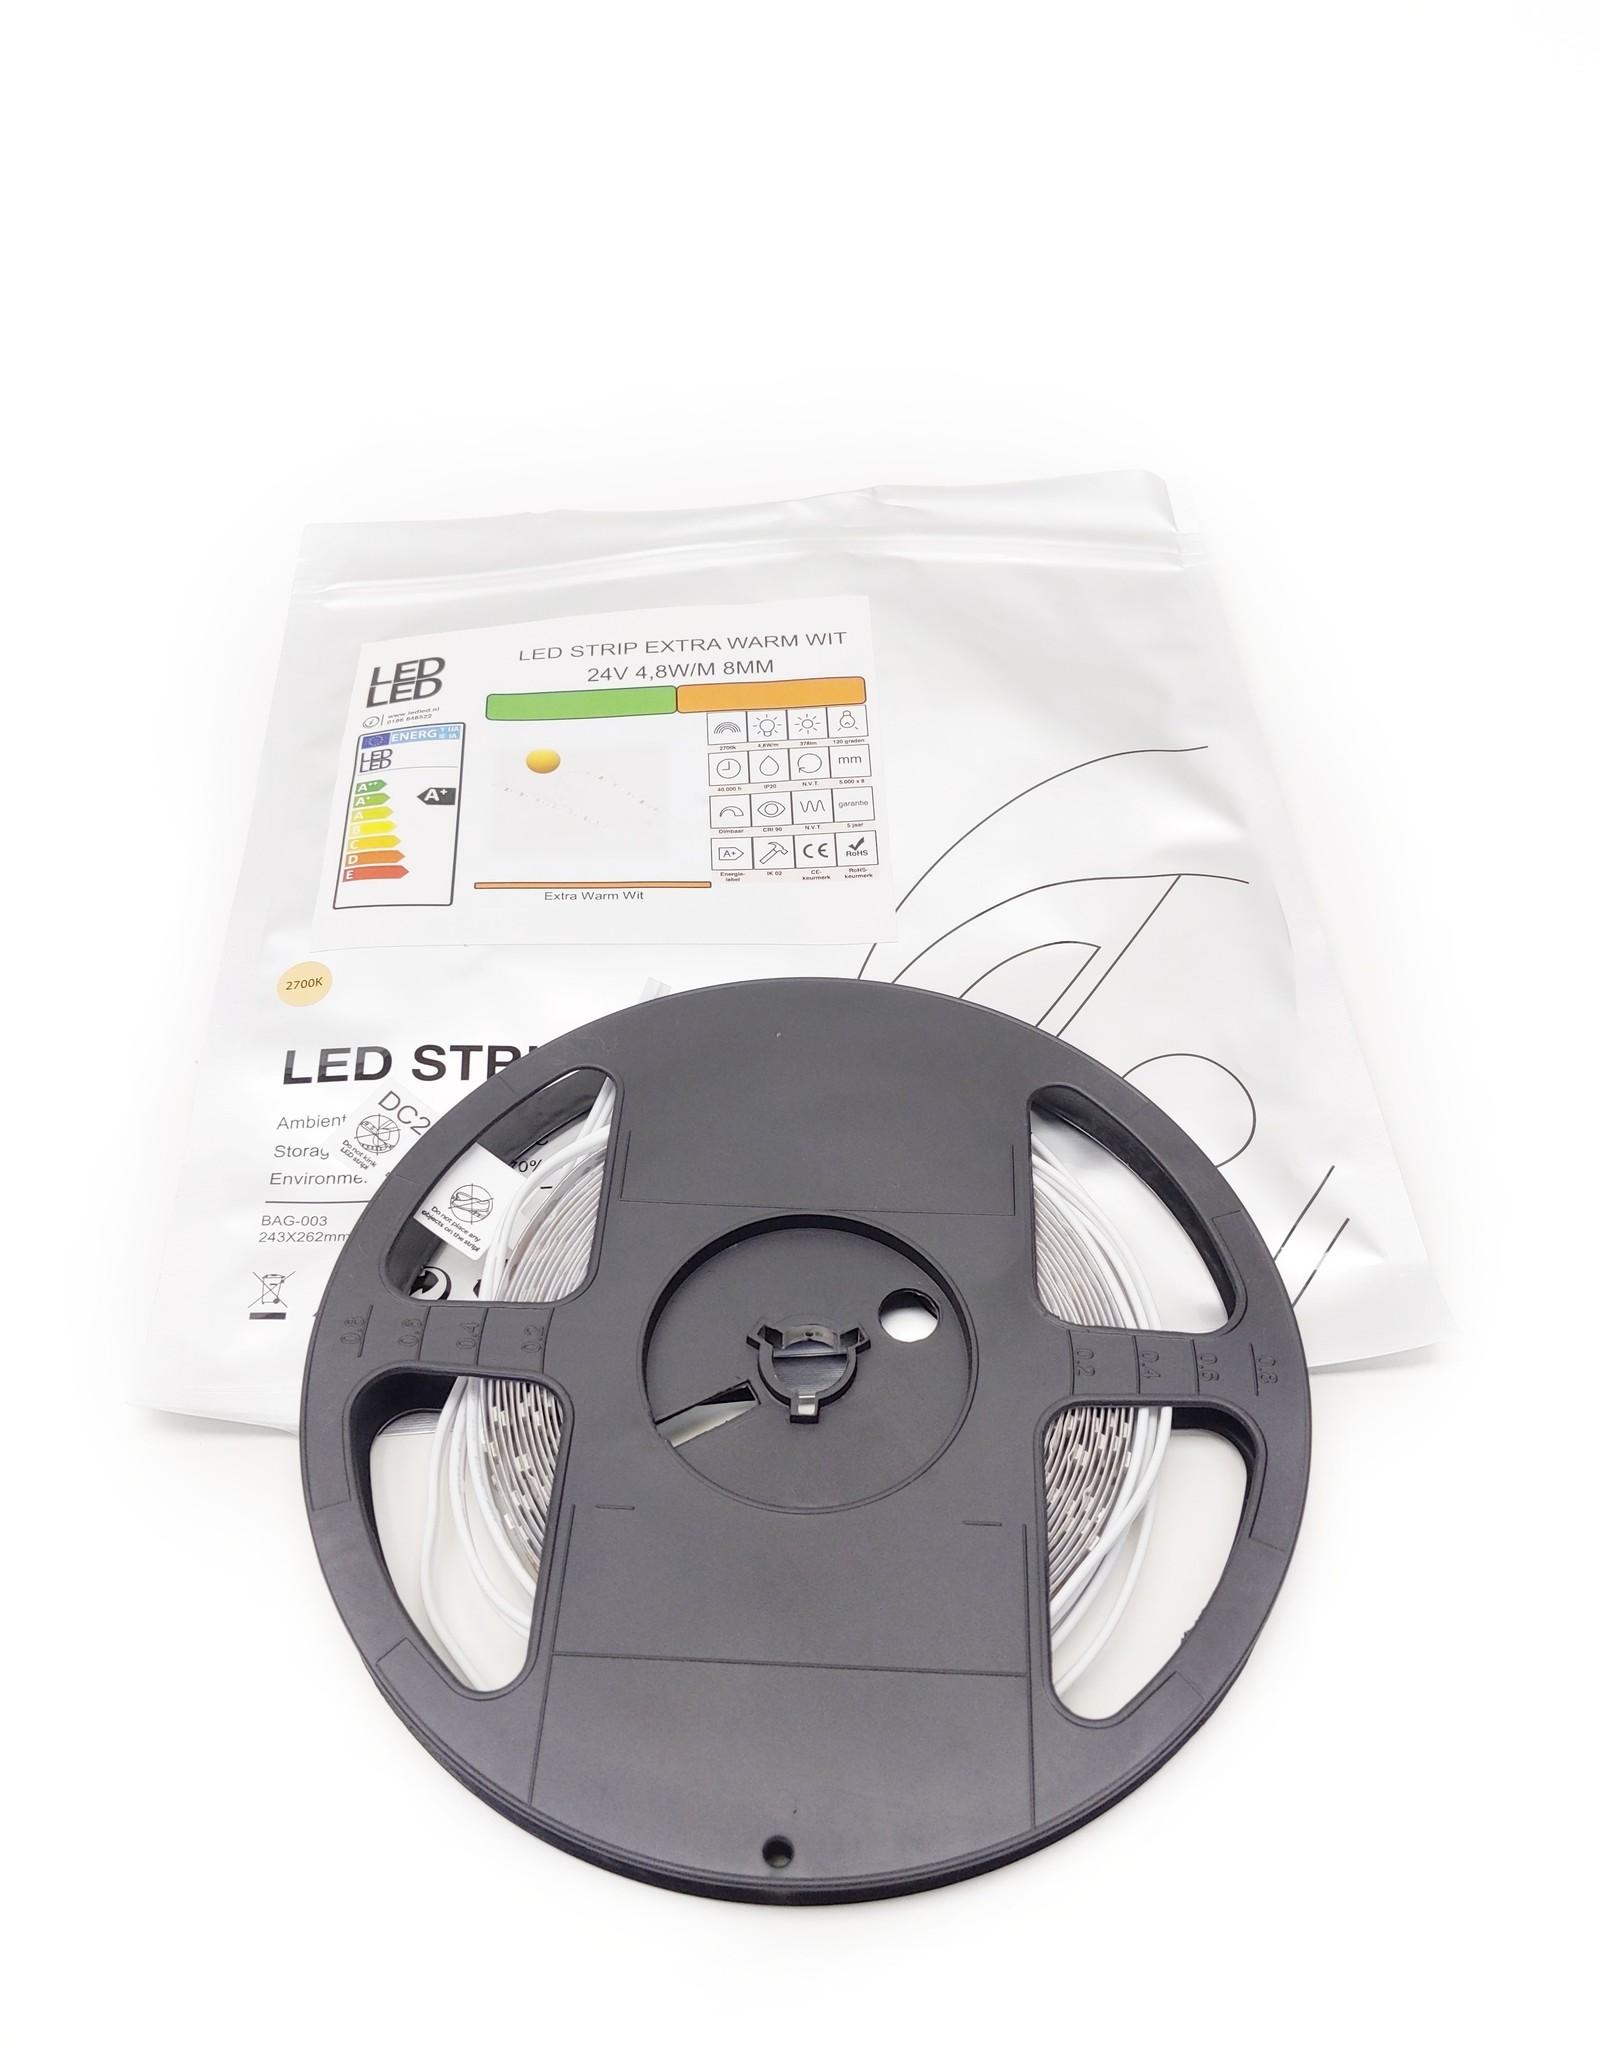 LedLed Varo led strip | 5m | 2700k | 24V | 4,8W/m | 8mm